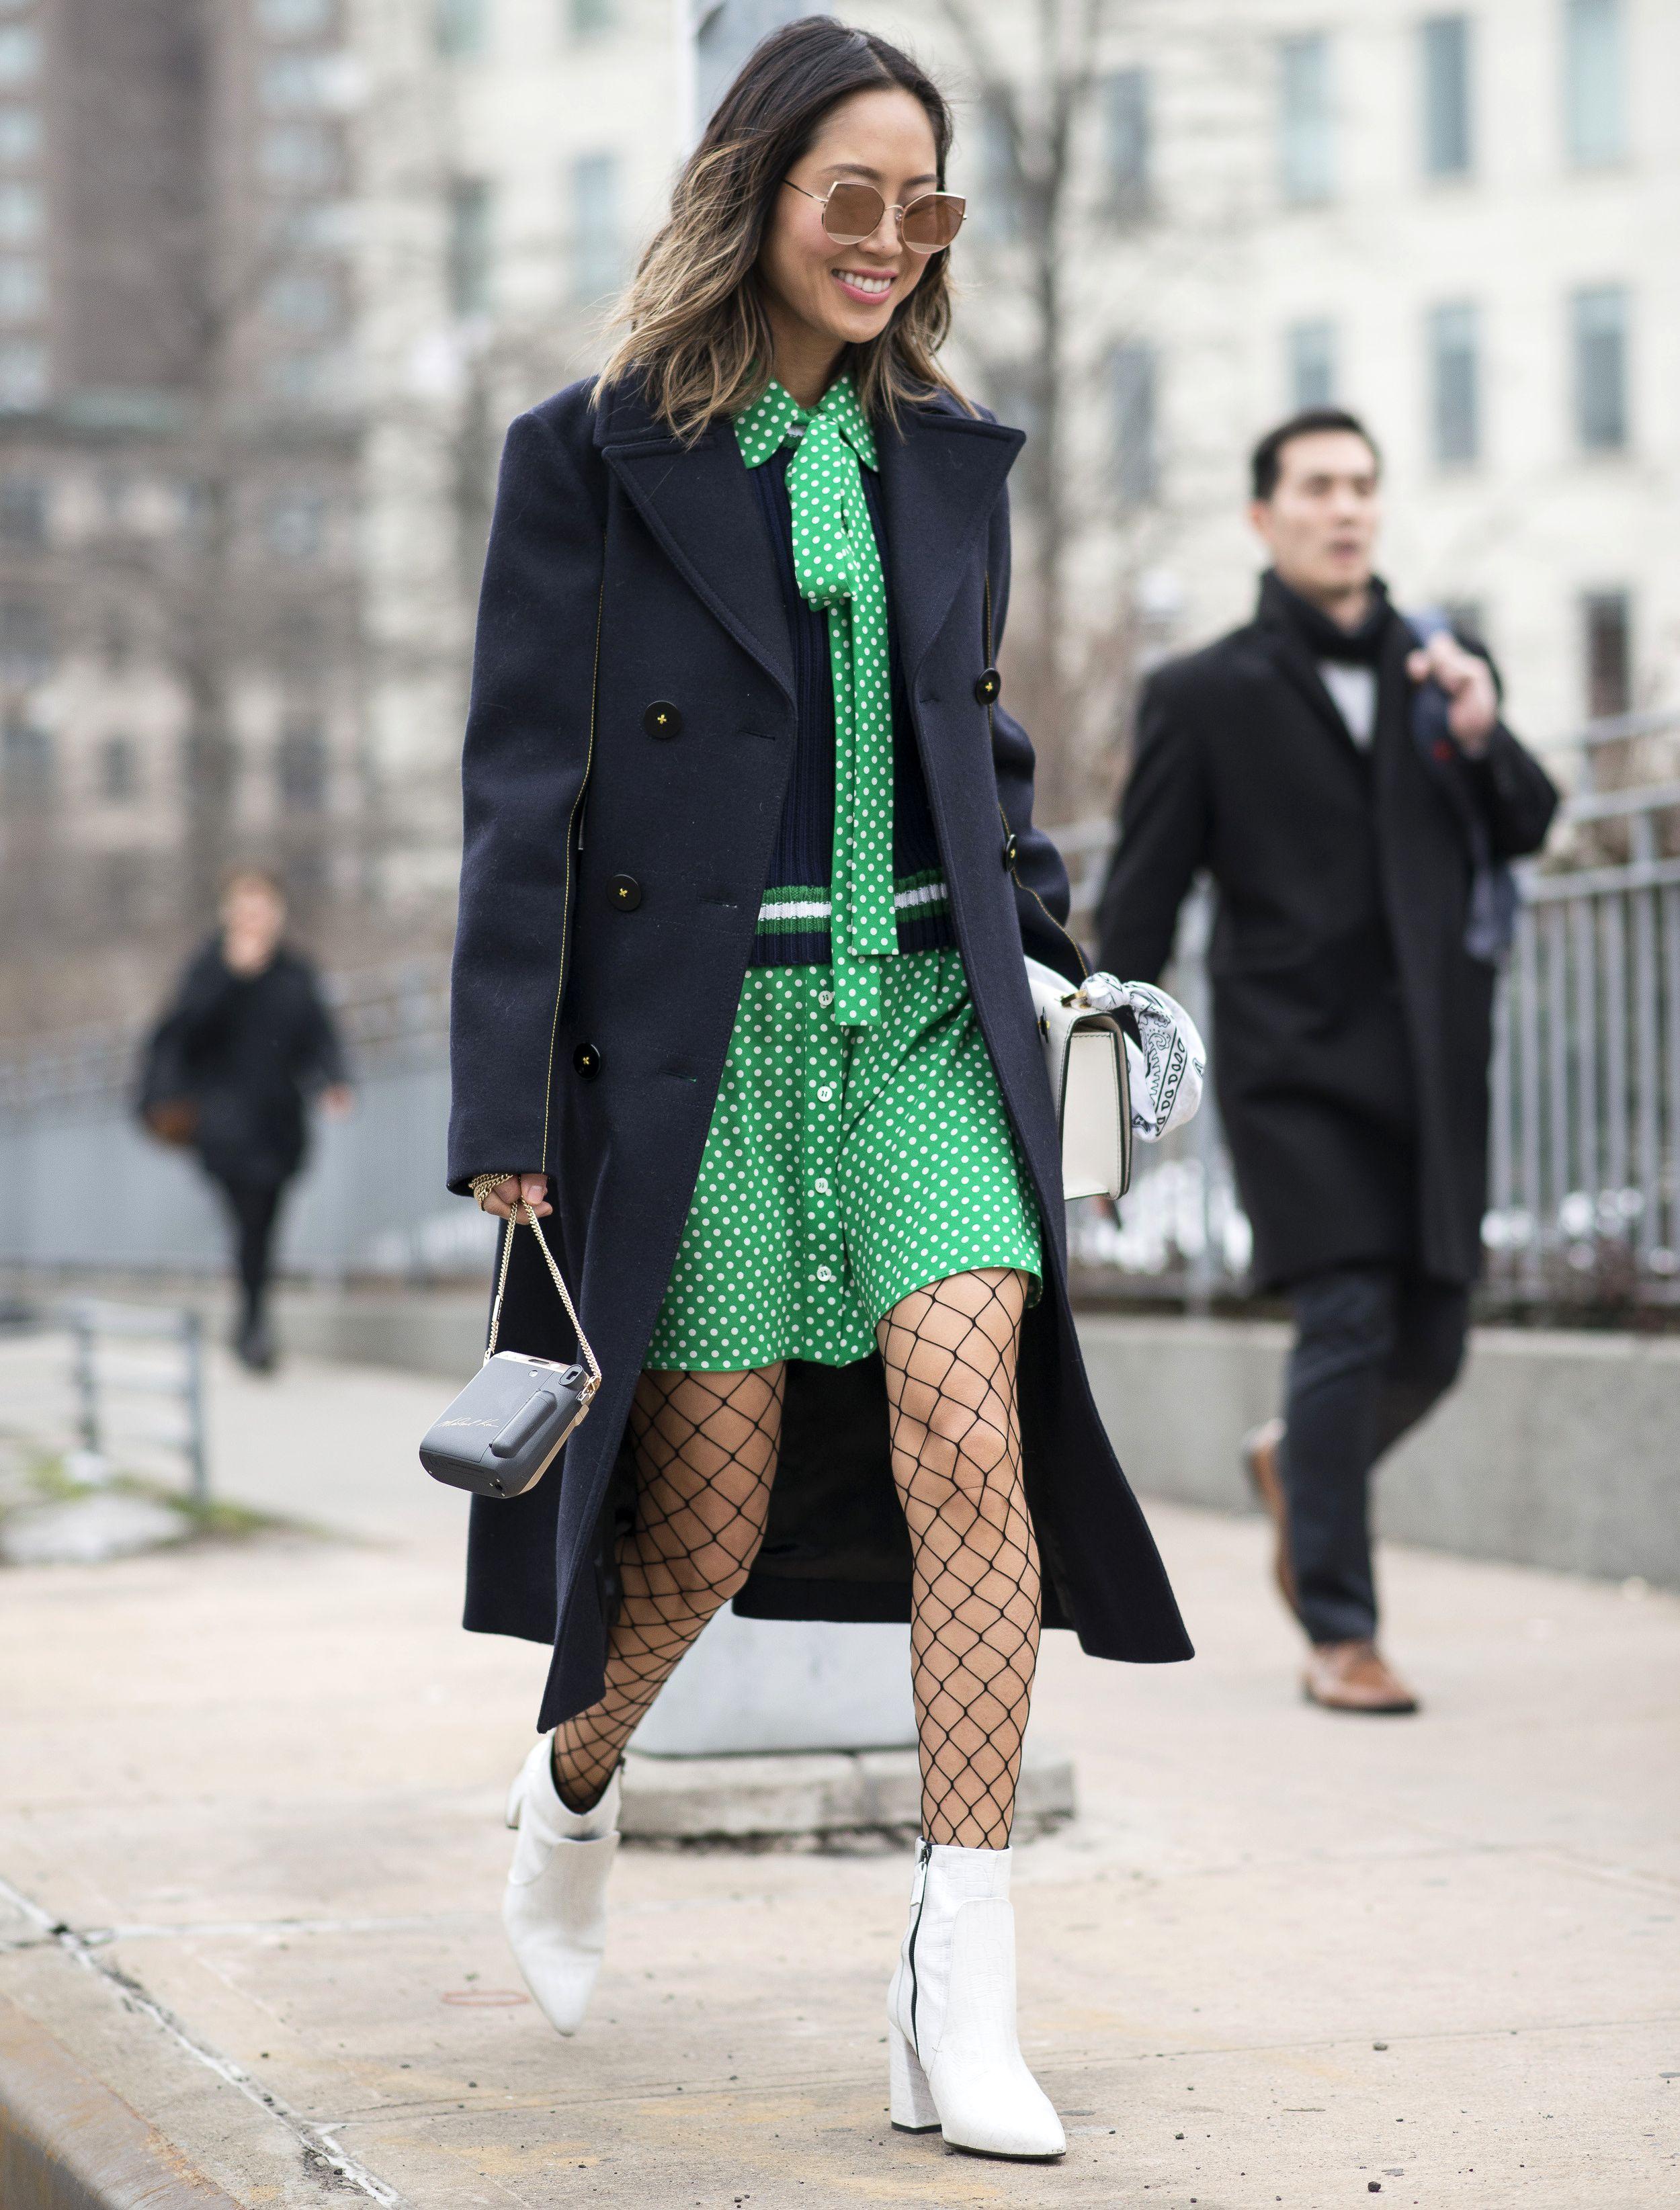 New York Fashion Week Fall: Weiße Stiefeletten als Street Style während der Show von Michael Kors (ddp images)